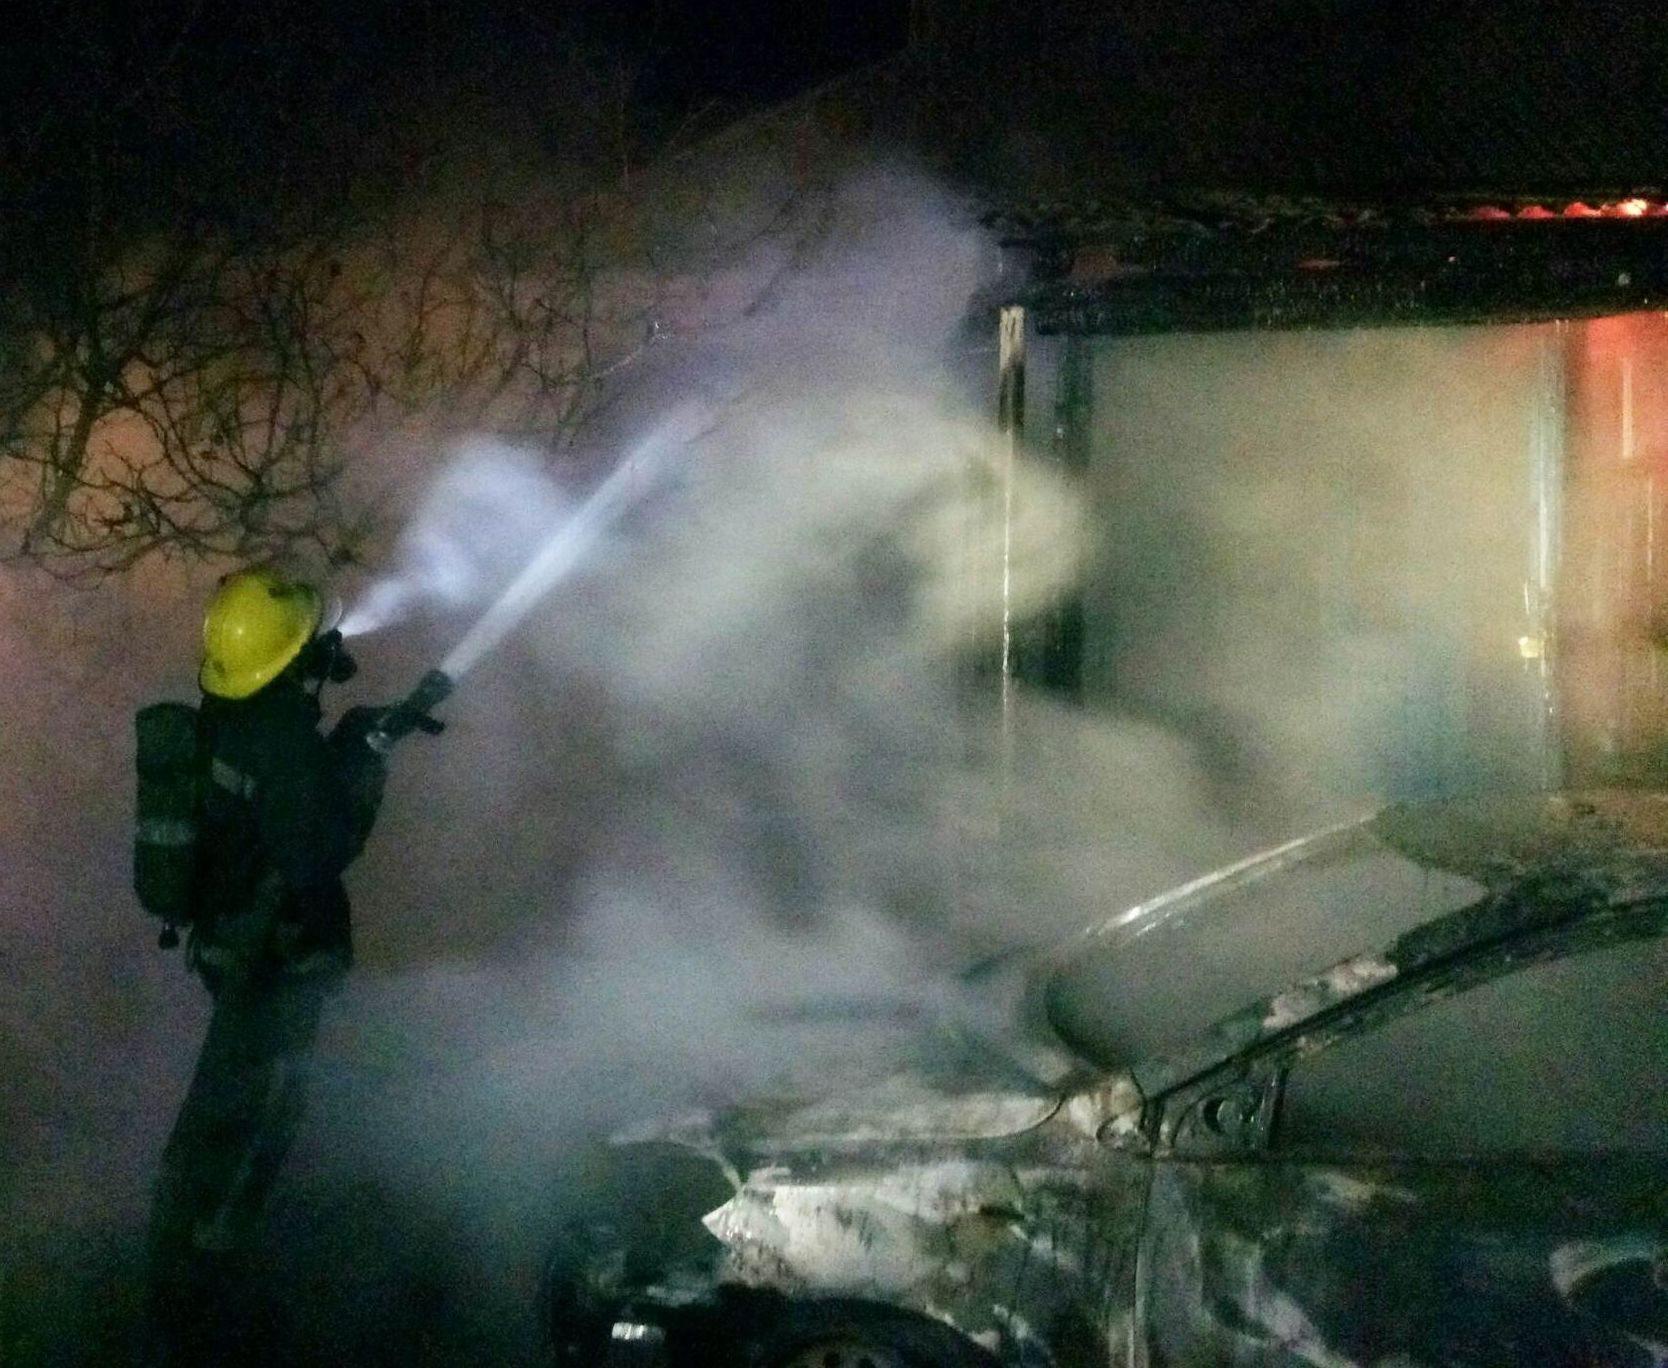 На Херсонщине из-за возгорания автомобиля чуть не сгорел жилой дом